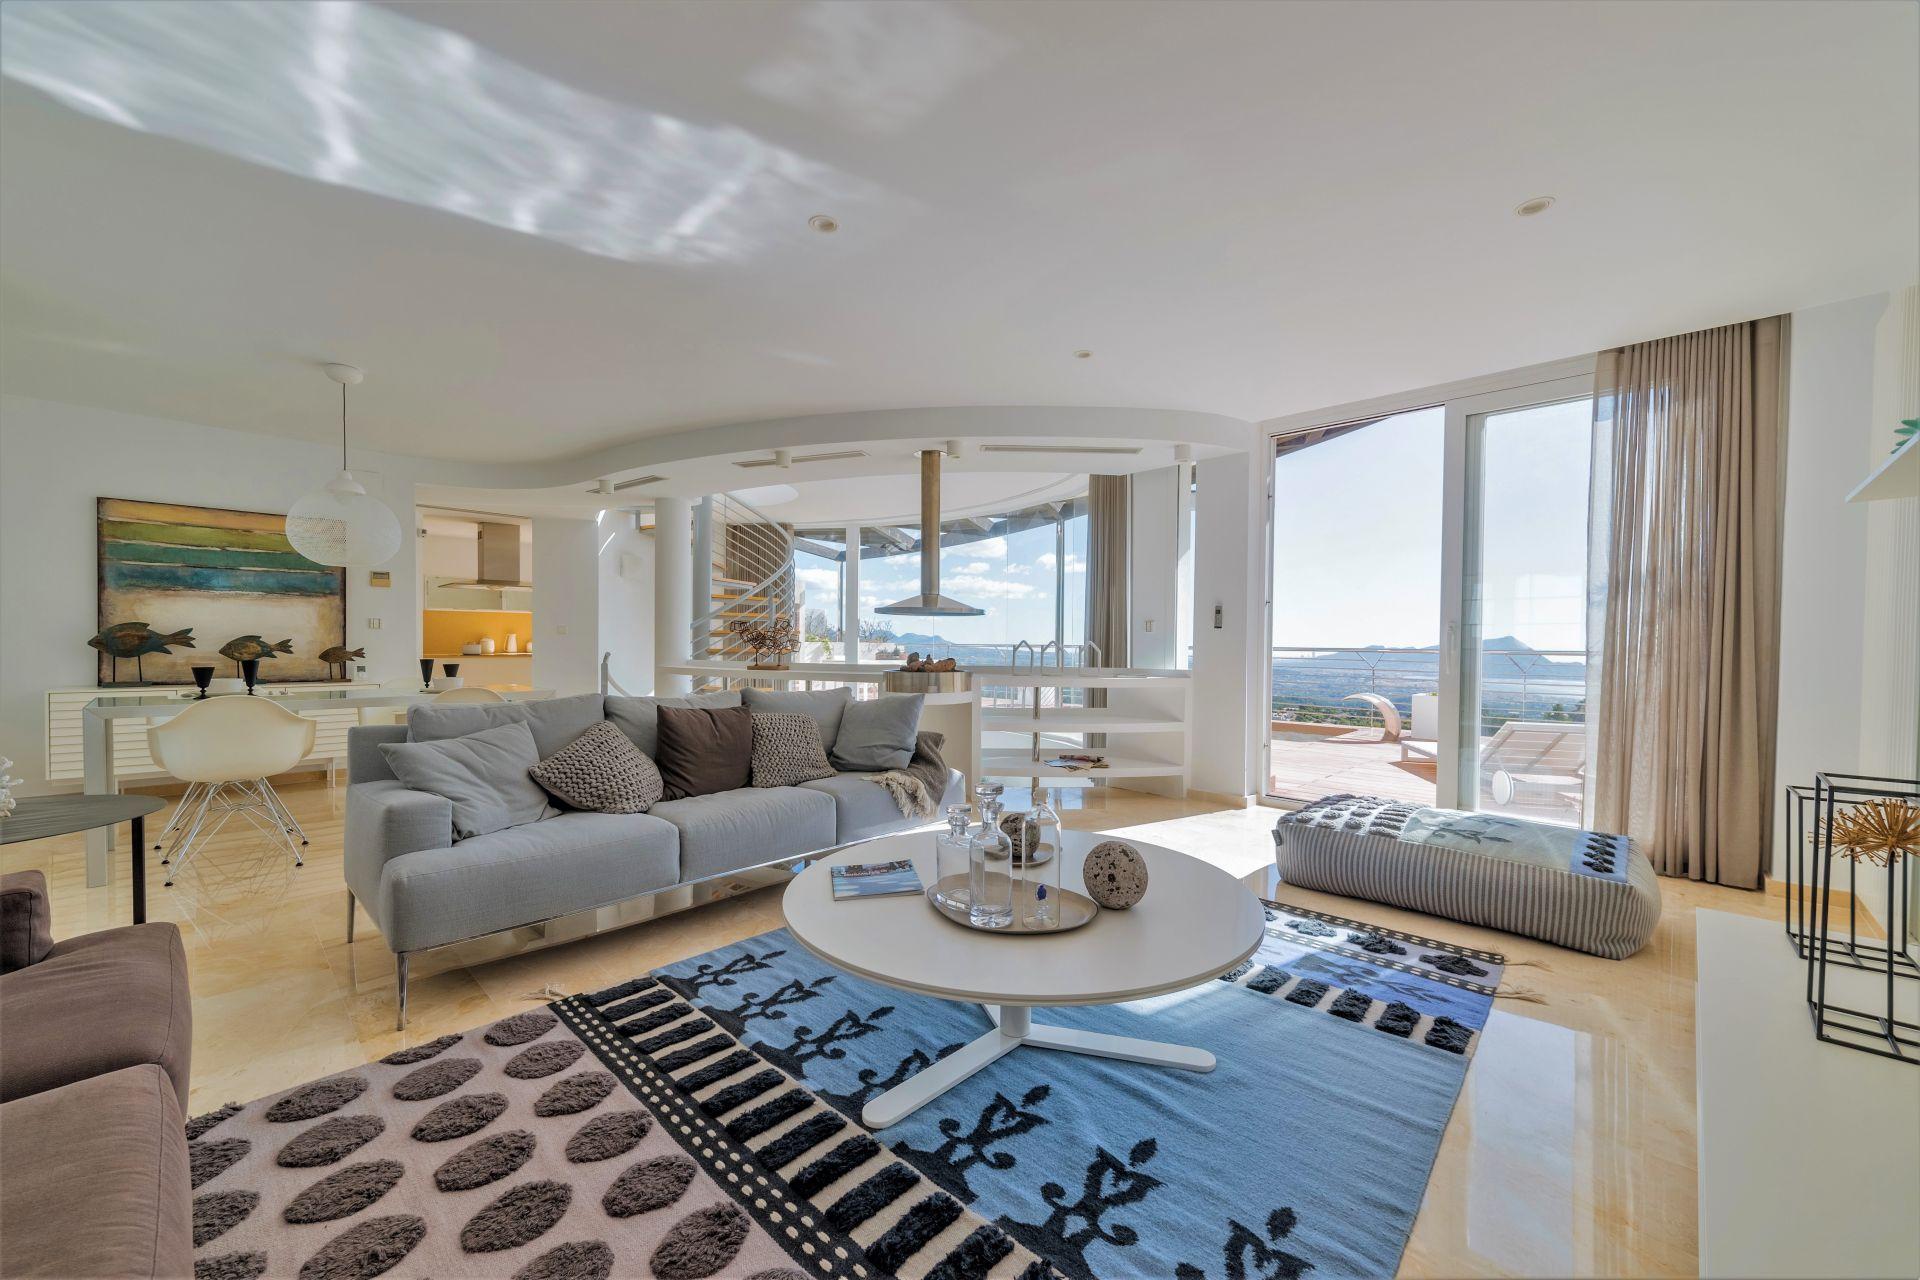 Villas with incredible views to the Mediterranean Sea in Altea 15